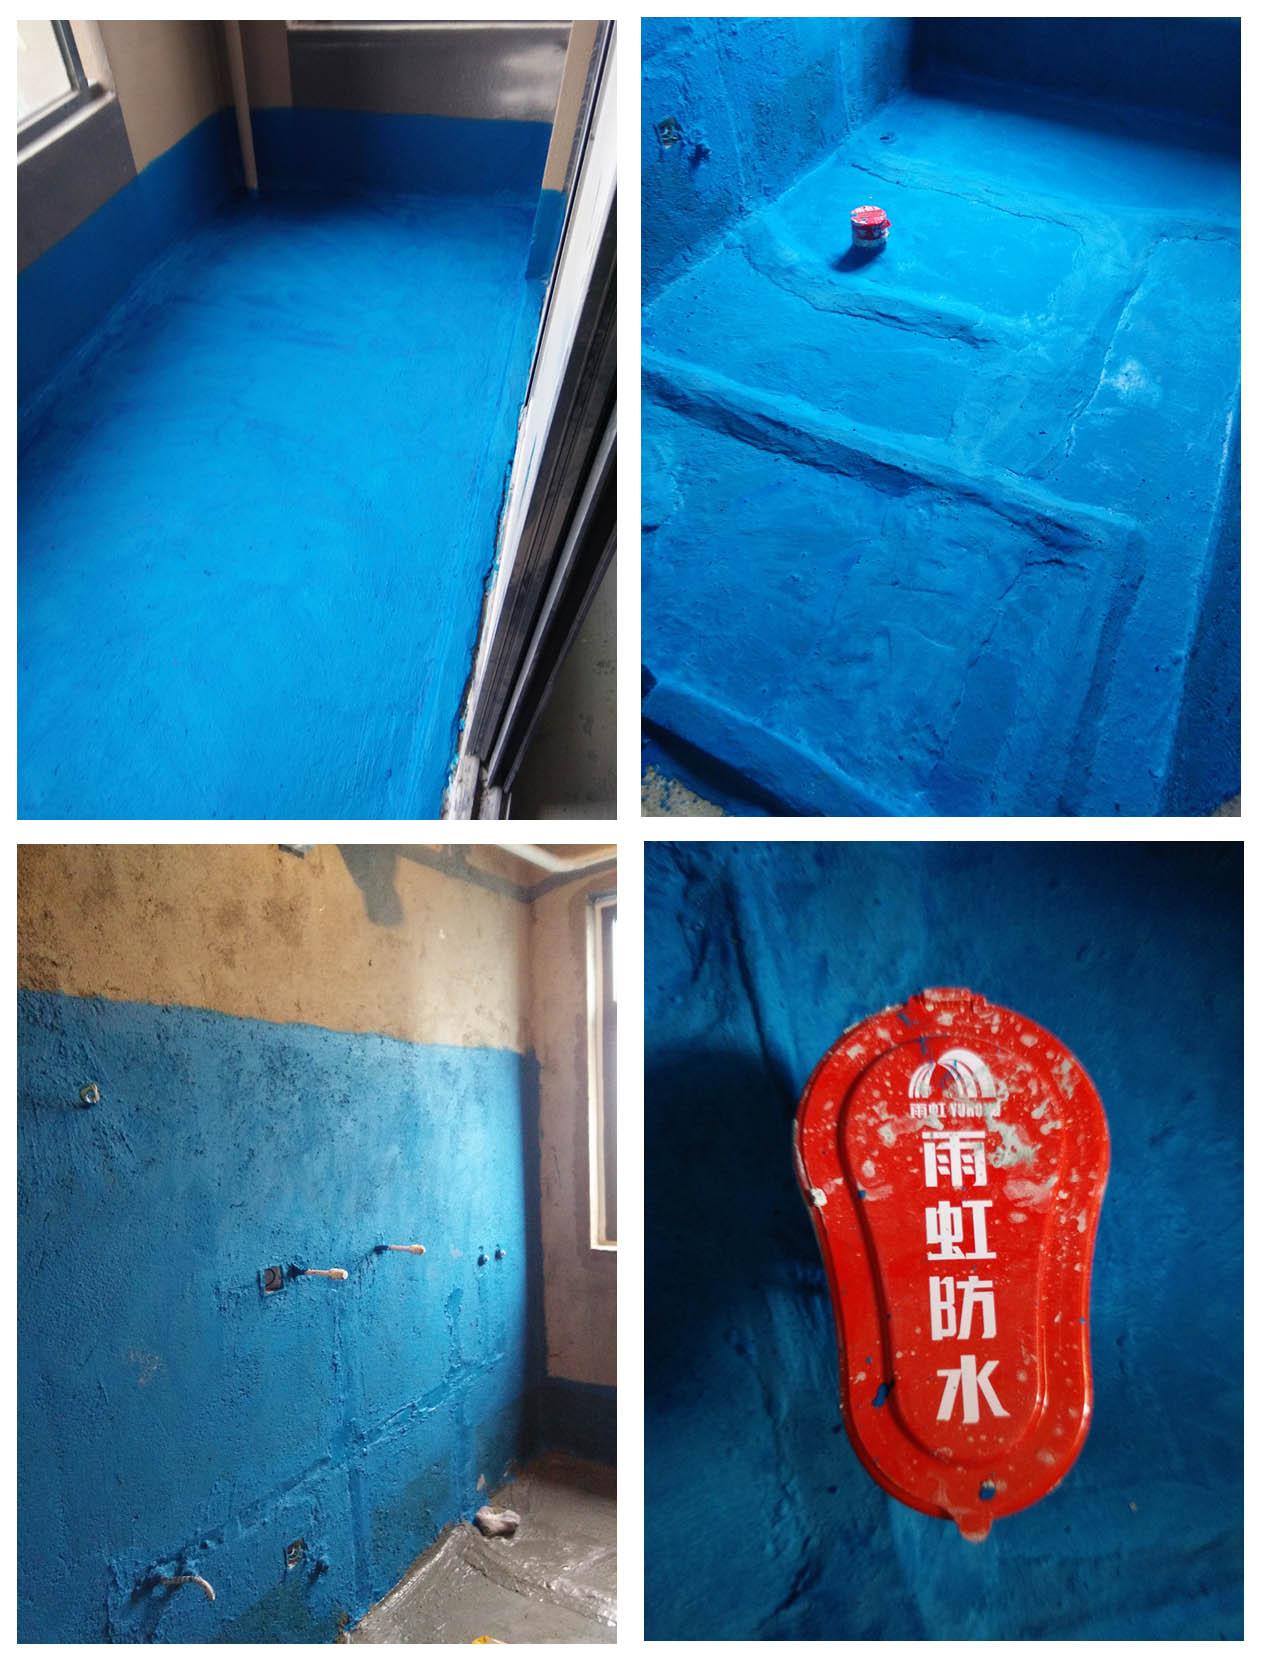 防水工藝 - 白云吉祥裝飾施工工藝|信陽裝修公司施工